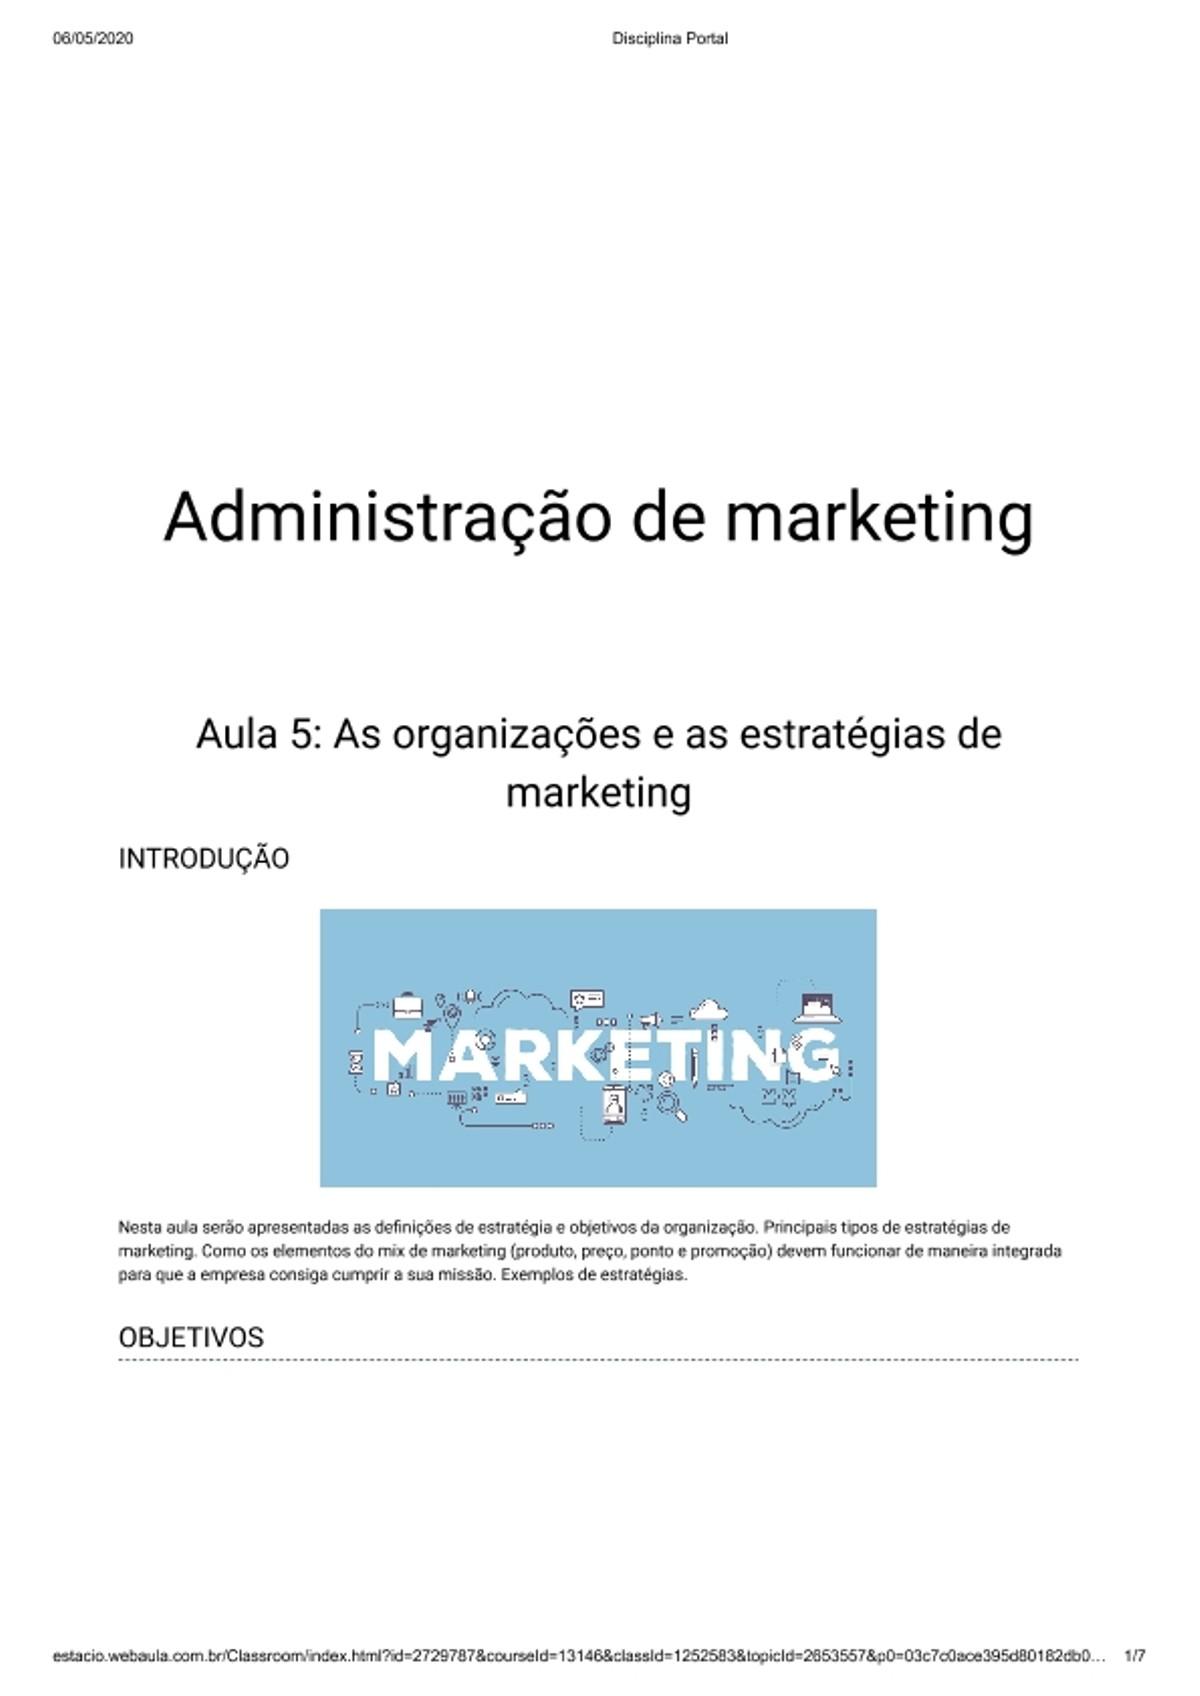 Pre-visualização do material Aula 5: As organizações e as estratégias de marketing - página 1